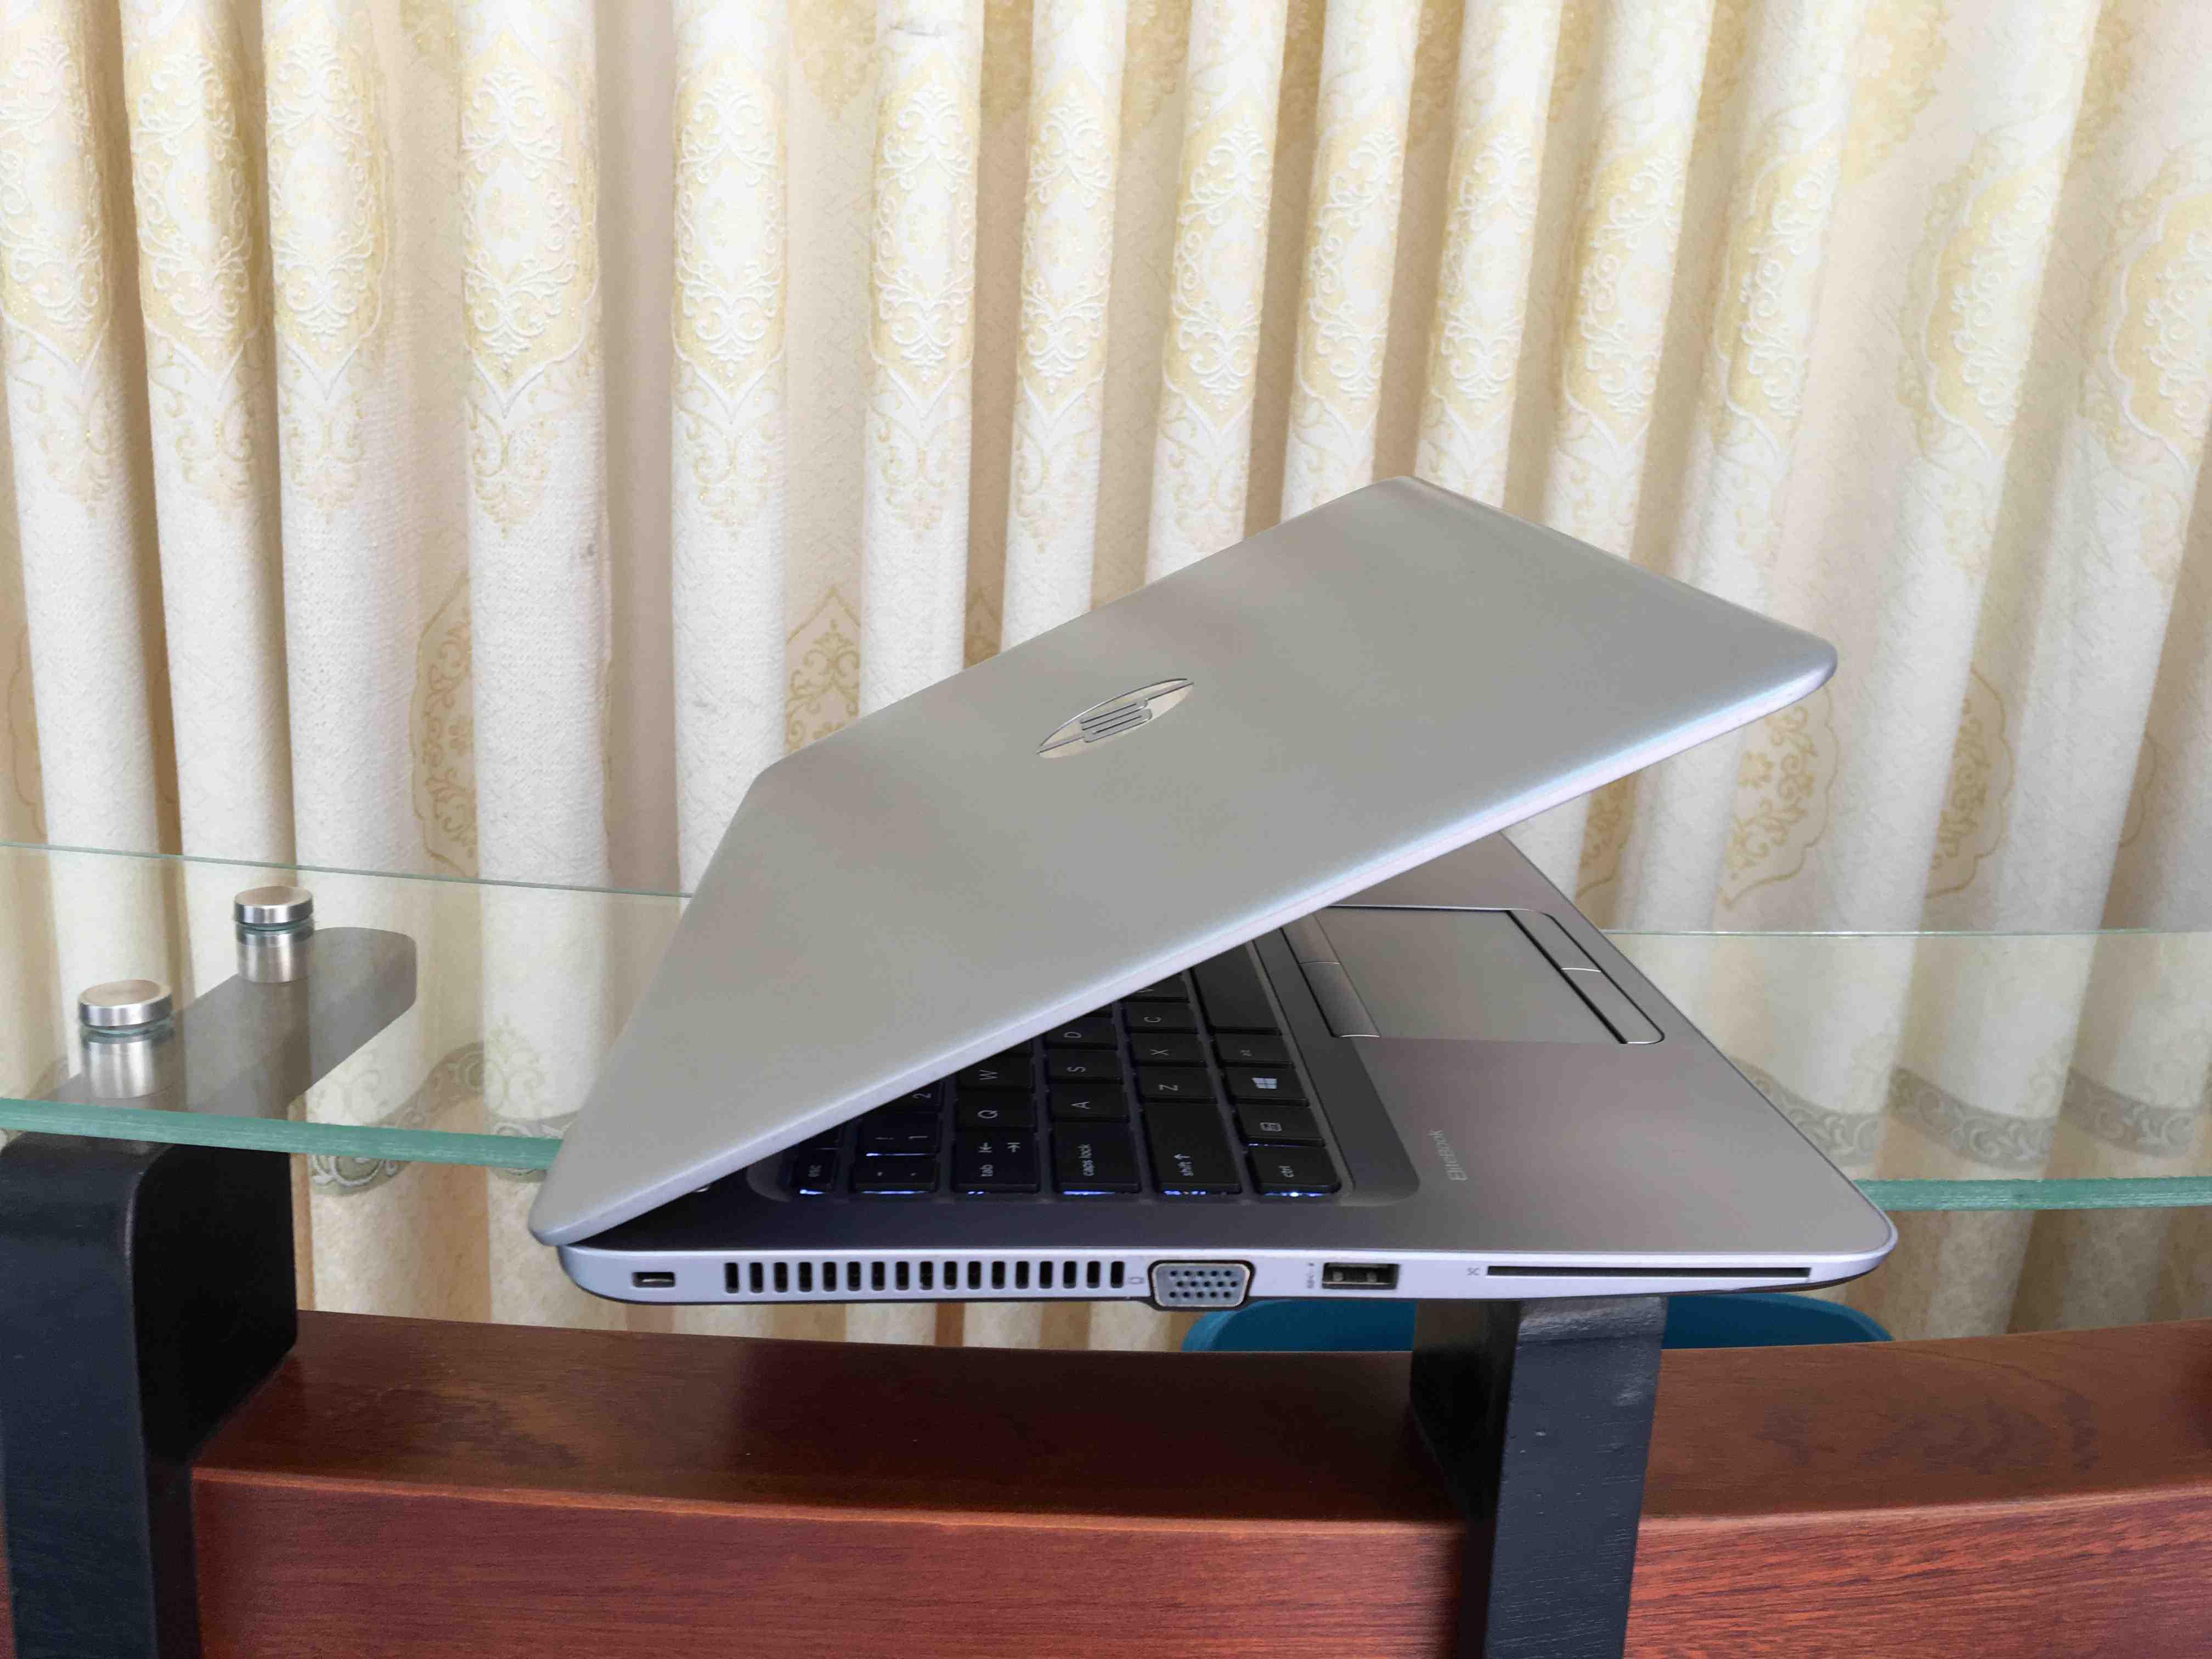 HP elitebook 840 g3 (7)